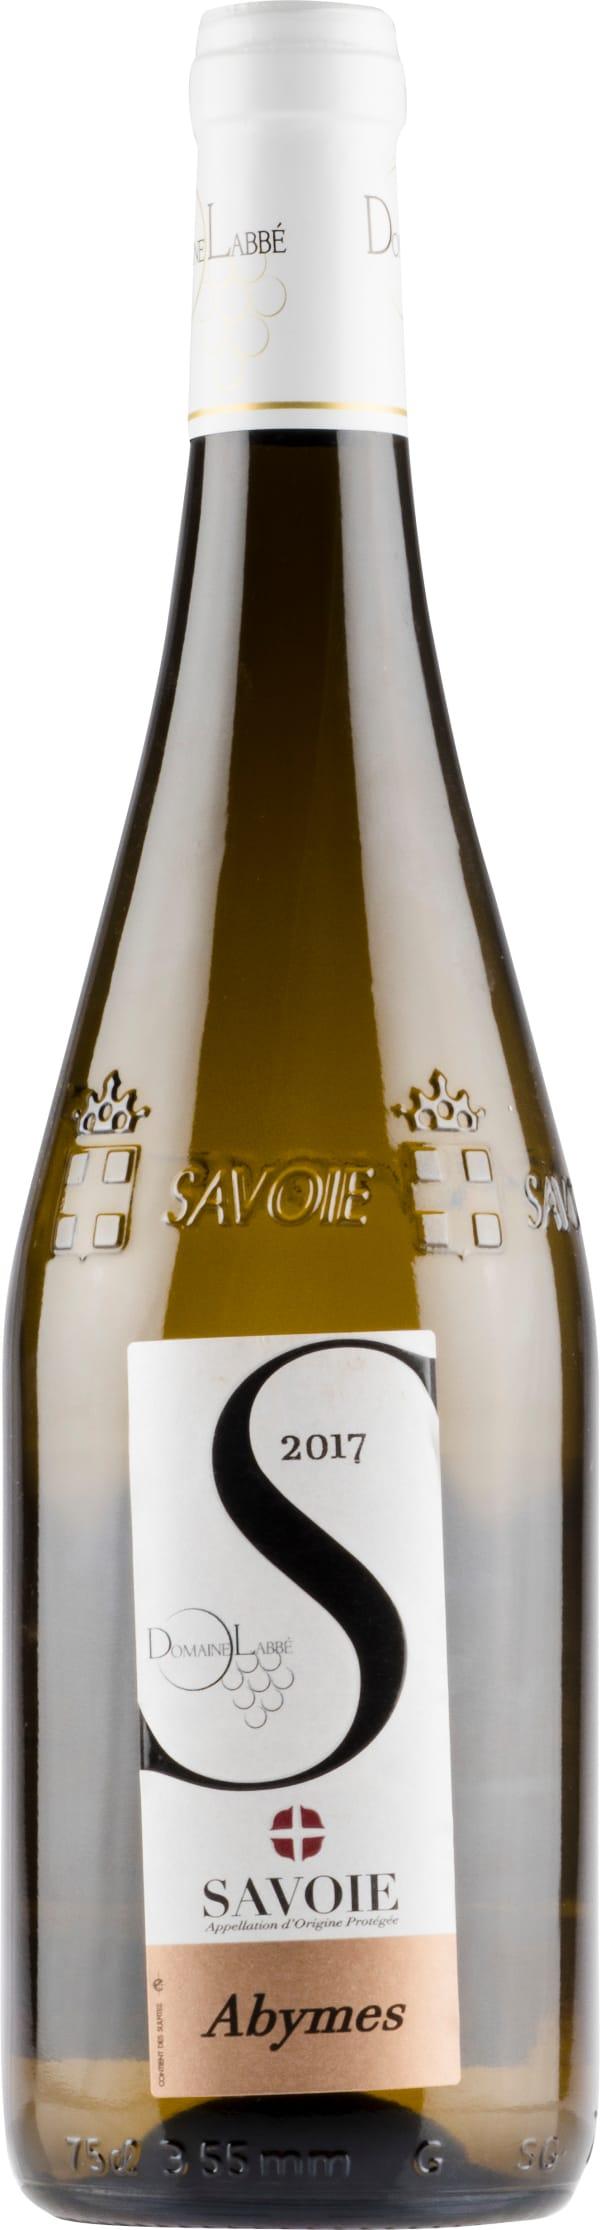 Domaine Labbé Savoie Abymes 2017